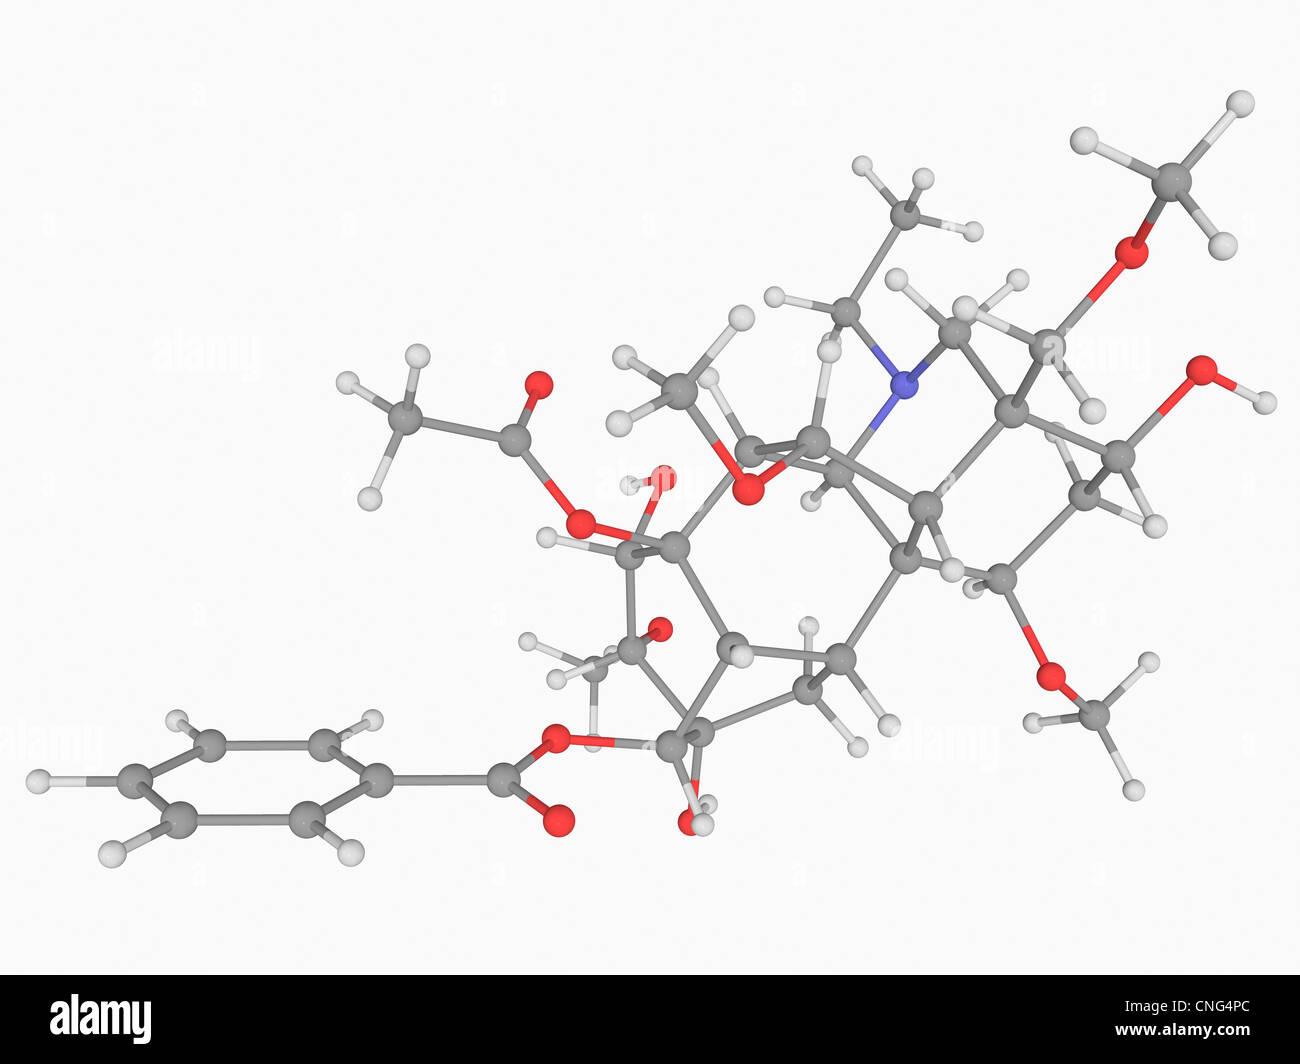 Aconitine poison molecule - Stock Image